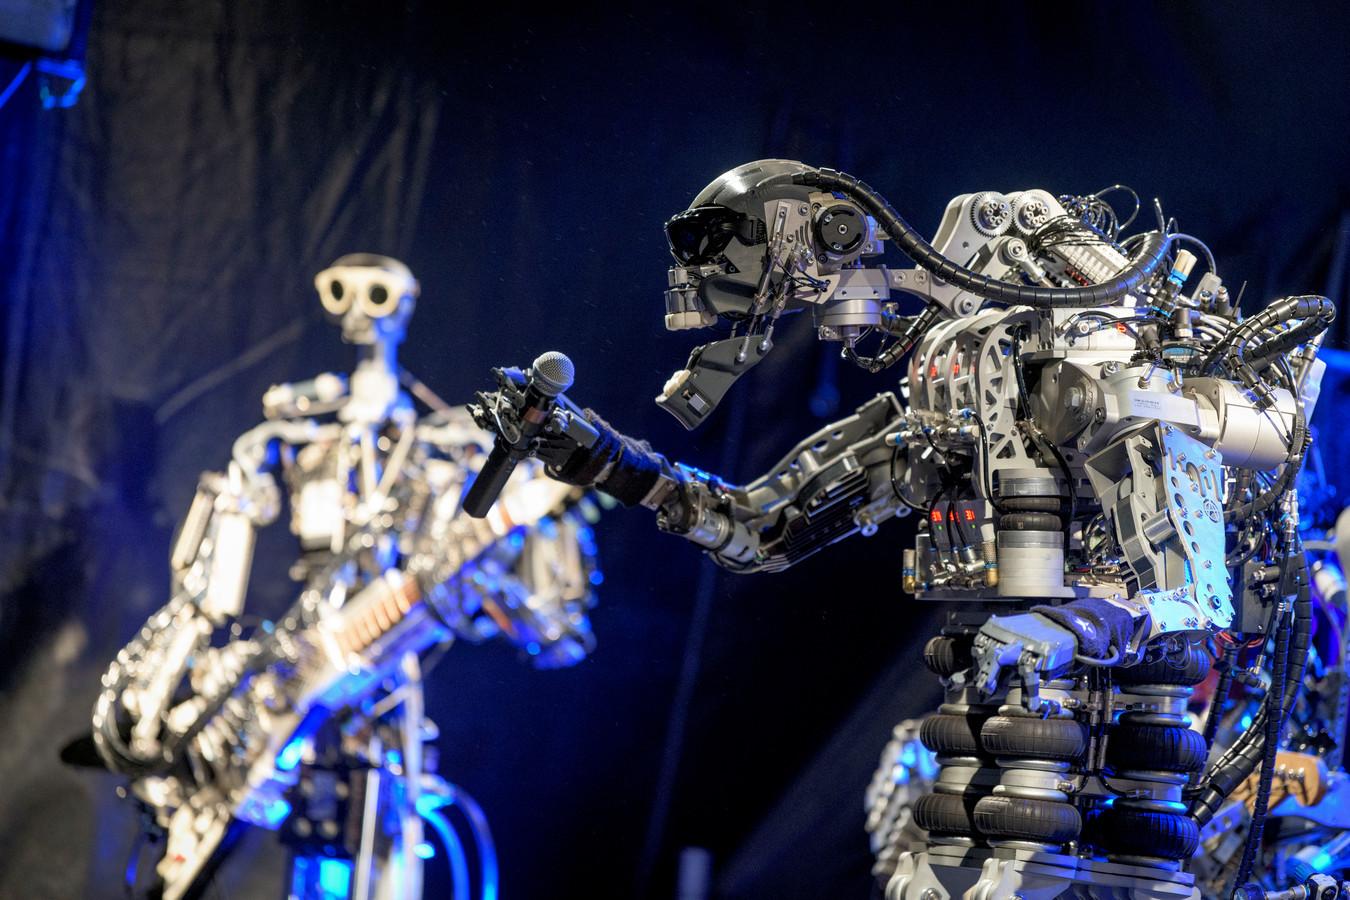 Een van de acts van Gogbot die in 2018 veel publiek trok: de robotband Compressorhead.